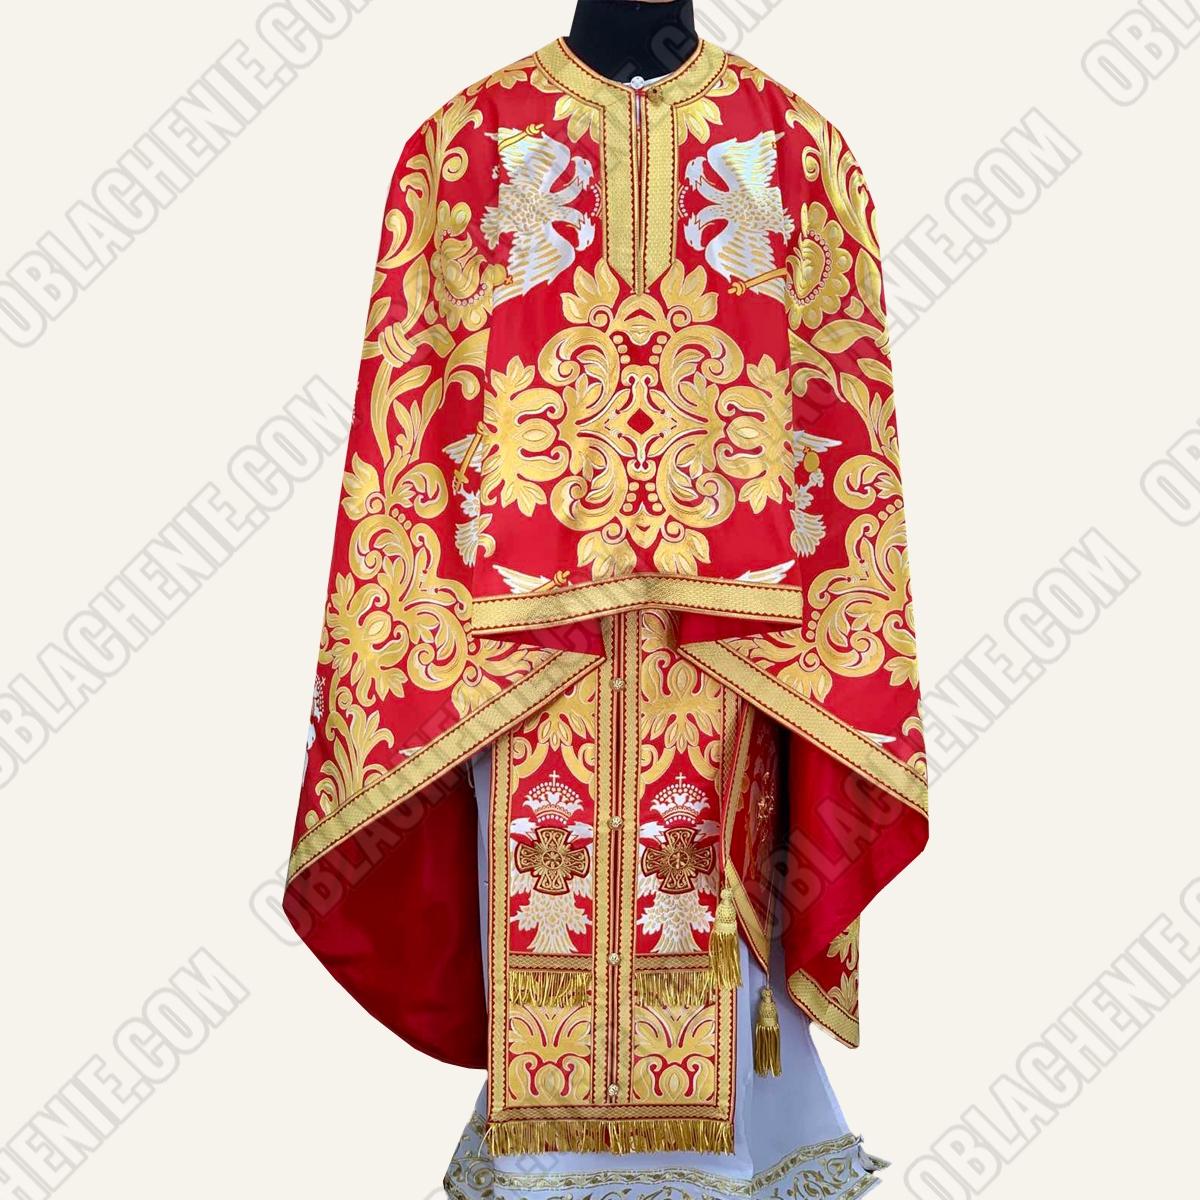 PRIEST'S VESTMENTS 11027